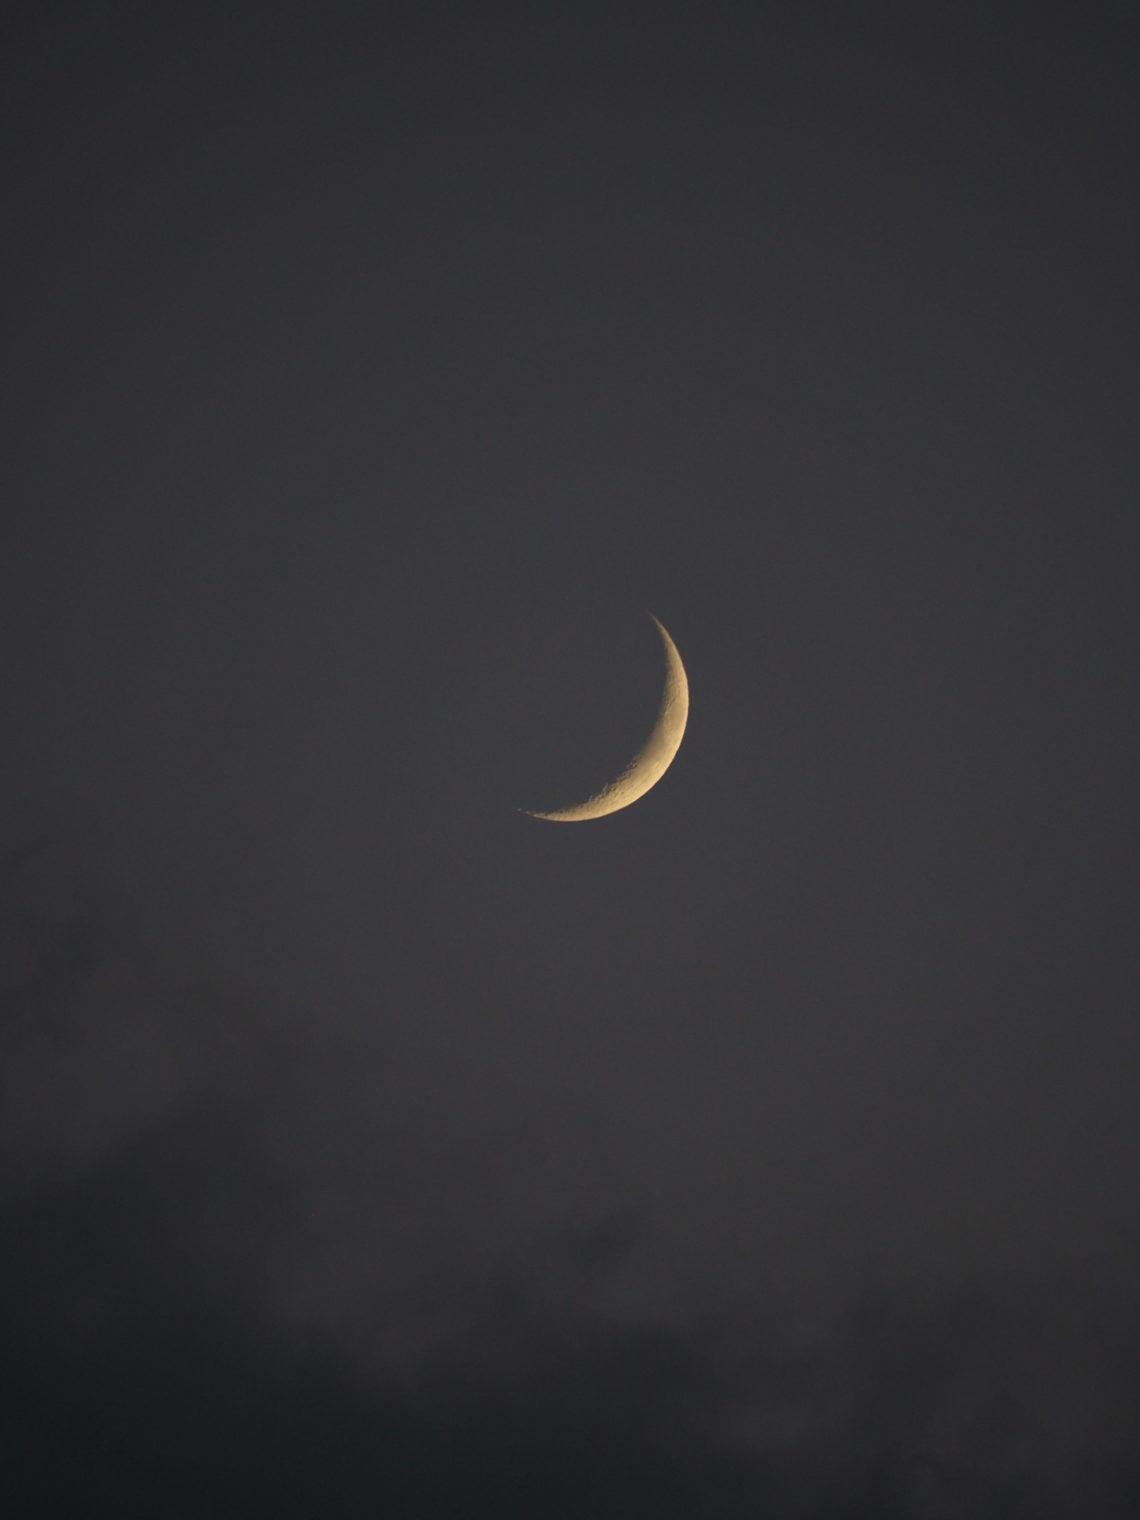 OLYMPUS DIGITAL CAMERA lune alice peralta